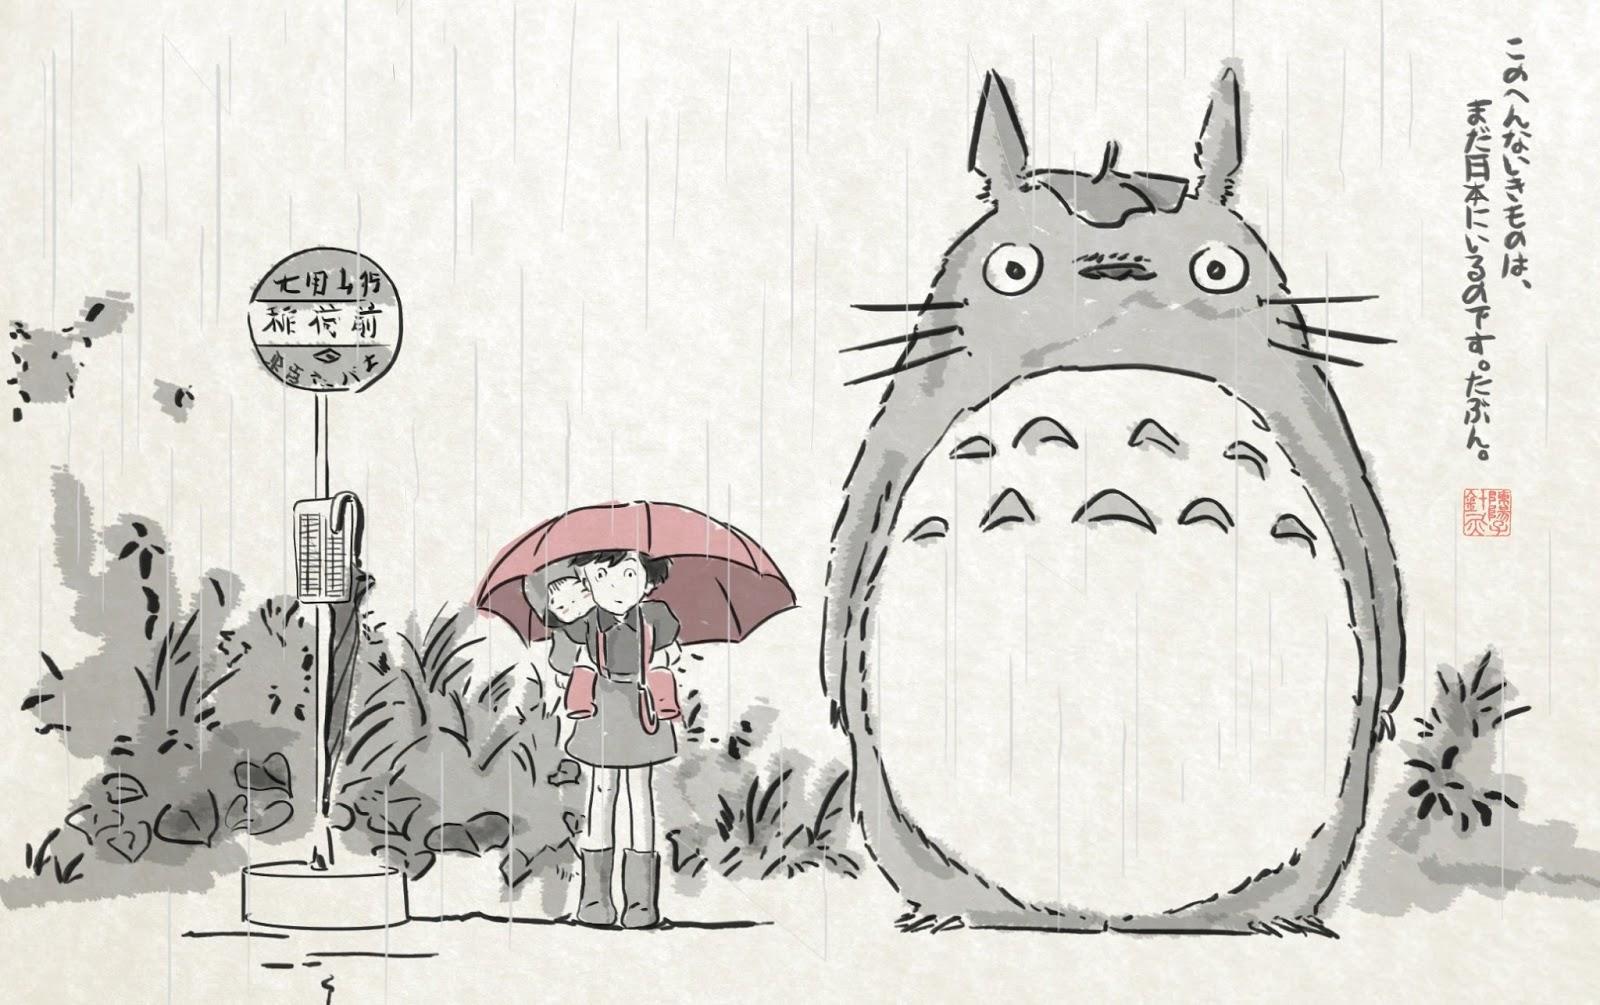 Kết quả hình ảnh cho illustration totoro